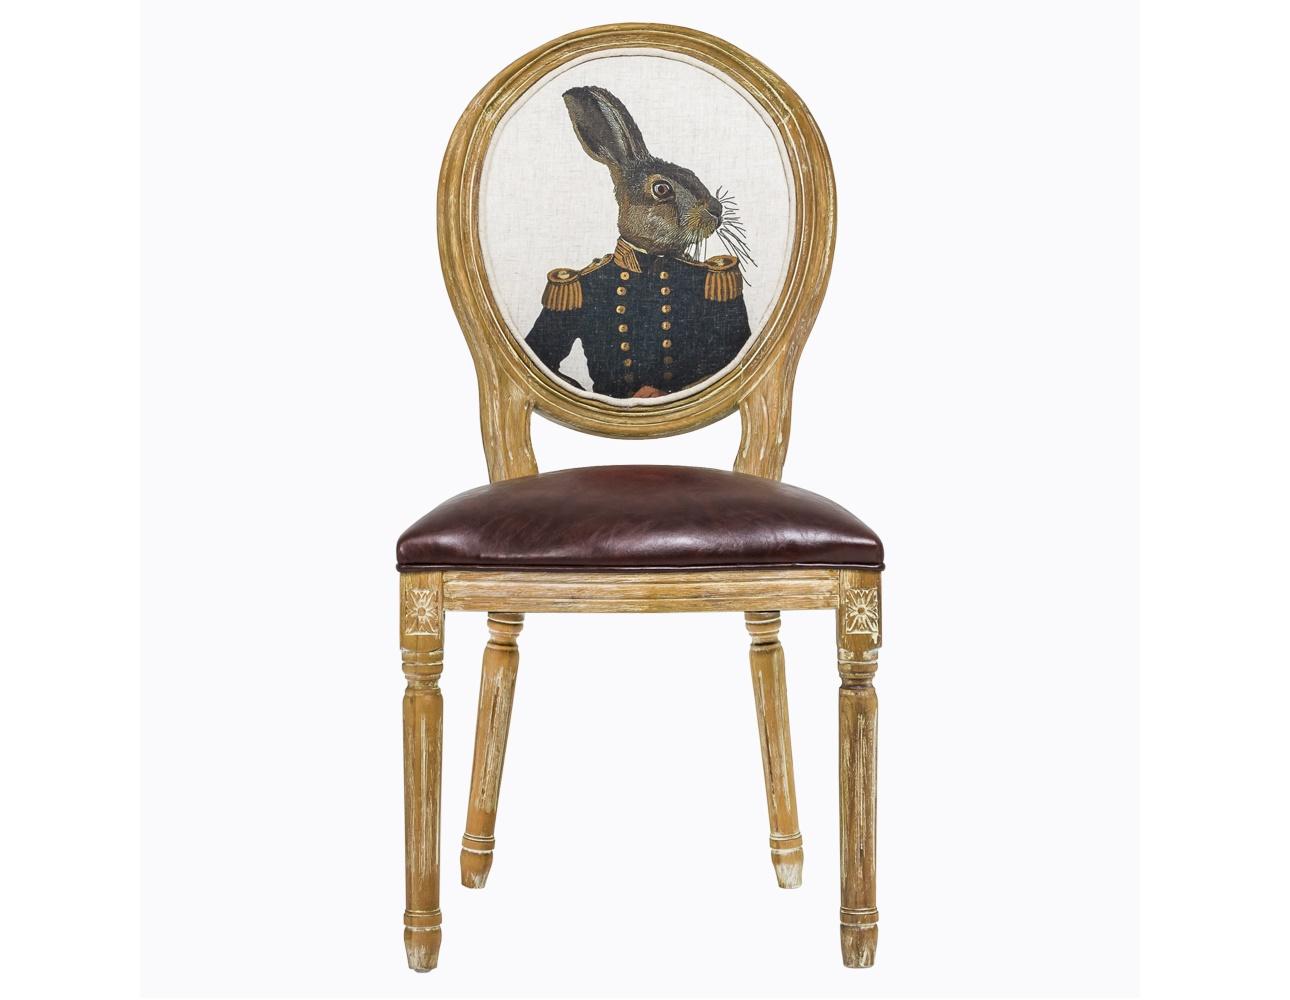 Стул «Мистер Заяц»Обеденные стулья<br>&amp;lt;div&amp;gt;Поклонников Льюиса Кэролла и &amp;quot;Алисы в стране чудес&amp;quot; эта мебель приведет в восторг. Овальную спинку стула украшает оригинальный рисунок в стиле парадных портретов XVIII века. Длинноухий зайка, явно благородного сословия, облачен в офицерский китель с золотыми пуговицами и эполетами. Чем не дворянин? Сам стул – в духе эпохи Луи-Филиппа во Франции: изумительная ручная работа, тонкая резьба по древесине бука, а обивка – из прочной и практичной эко-кожи. Вес стула составляет 7 кг.&amp;lt;/div&amp;gt;<br><br>Material: Кожа<br>Length см: 50<br>Width см: 57<br>Height см: 98